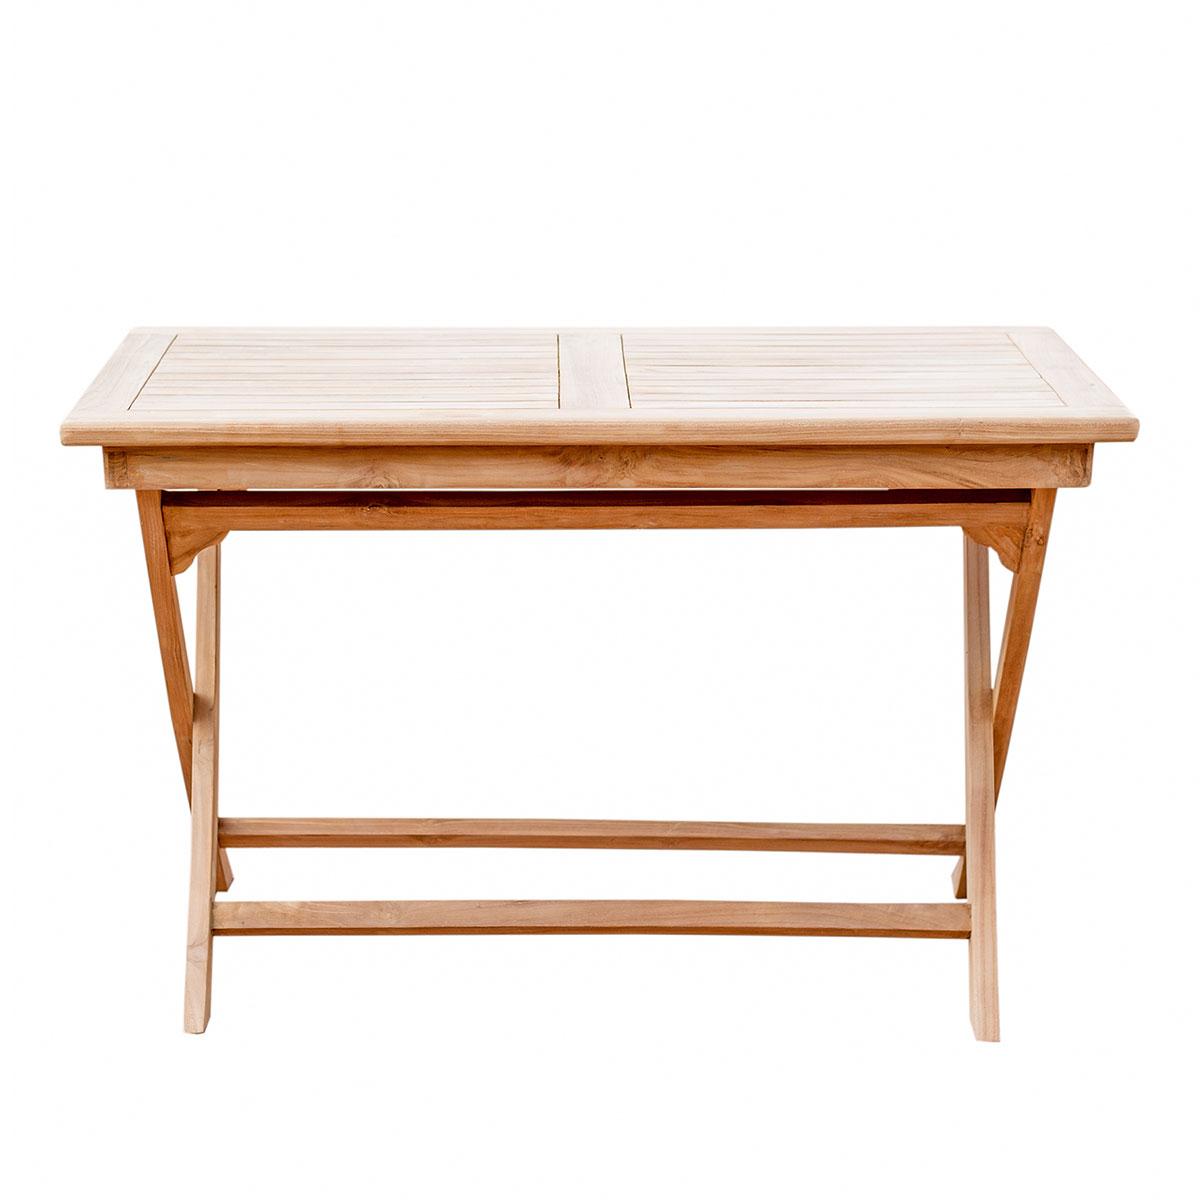 5er-Set Gartenmöbel aus Teak-Holz, Tisch 120x70, 4x Klappstuhl mit ...